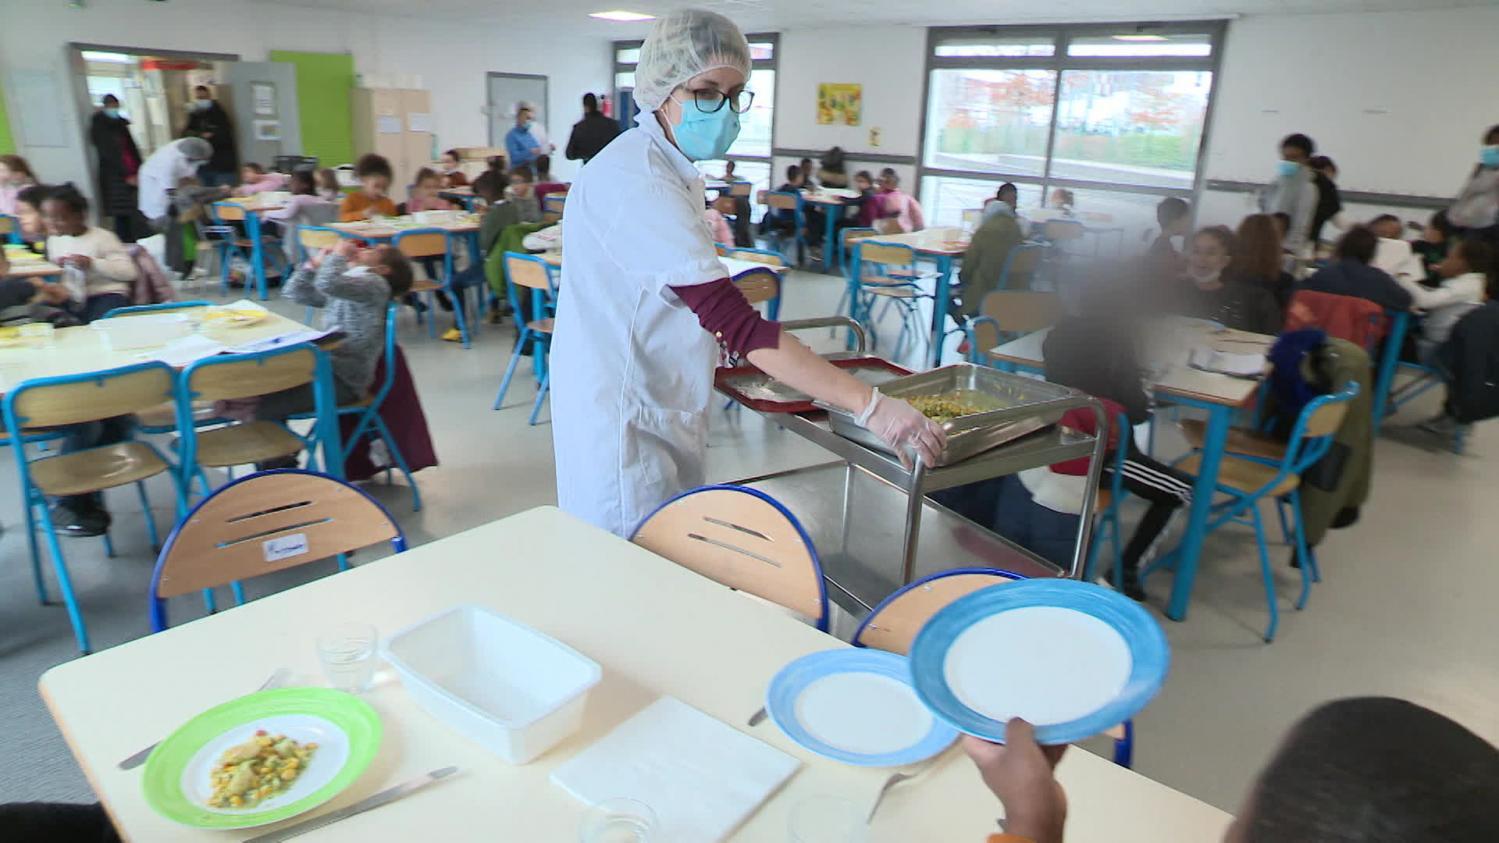 Cantines scolaires : un cinquième protocole sanitaire difficile à digérer